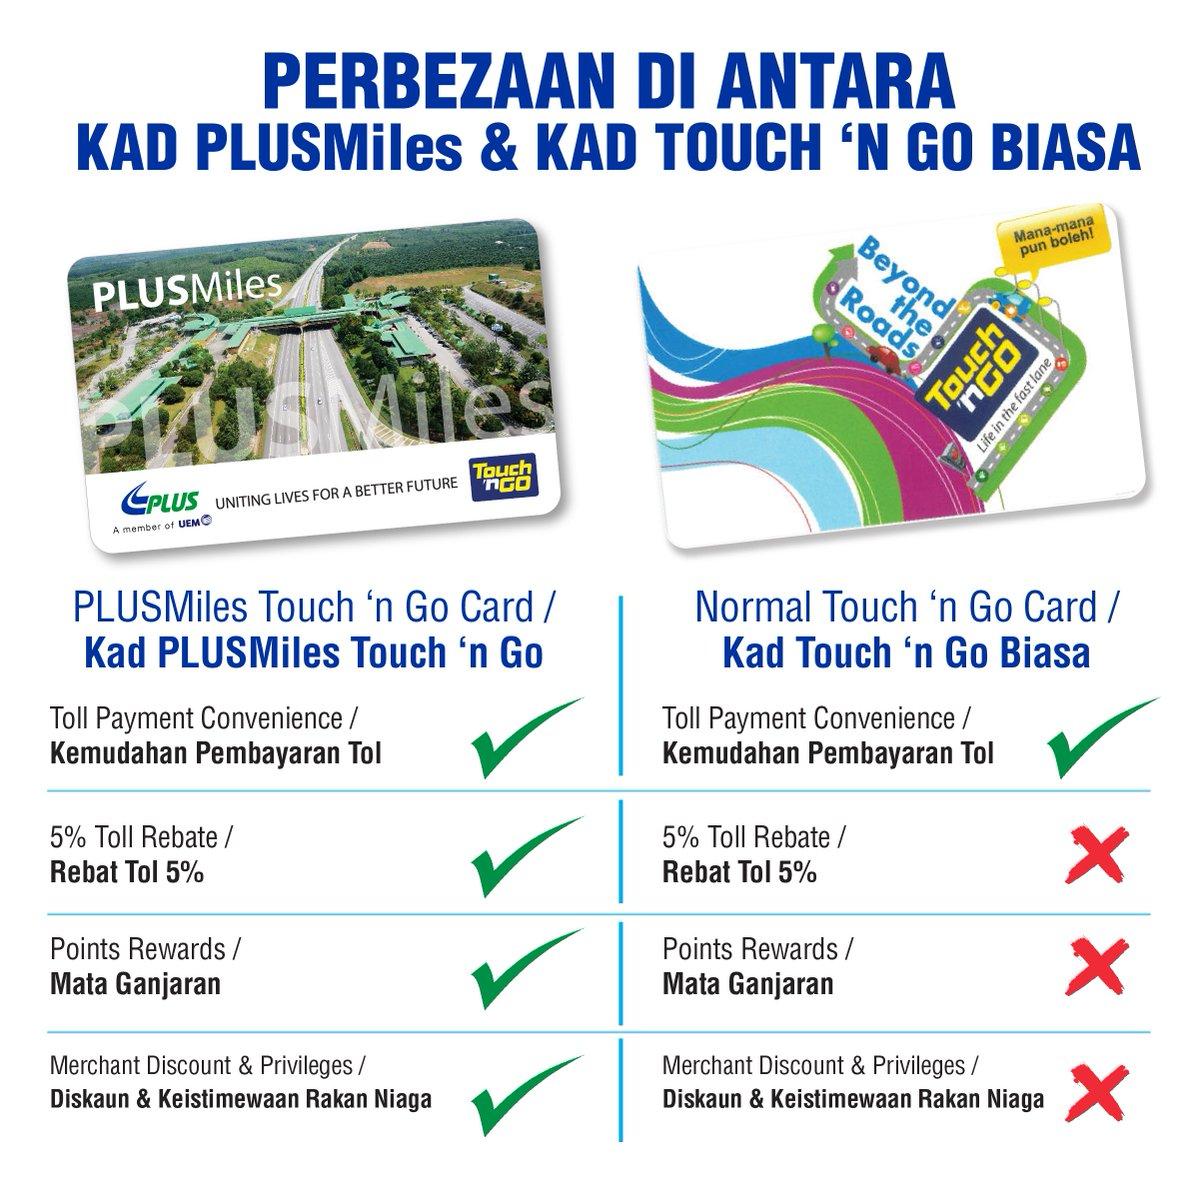 Plus Malaysia Berhad u0639u0644u0649 u062au0648u064au062au0631 Dapatkan Dan Nikmati Pelbagai Ganjaran Dan Keistimewaan Kad Plusmiles Anda Sekarang Di Pusat Khidmat Pelanggan Plus Yang Berdekatan Jangan Lepaskan Peluang Ini Layari Https T Co 01uanchivt Untuk Maklumat Lanjut